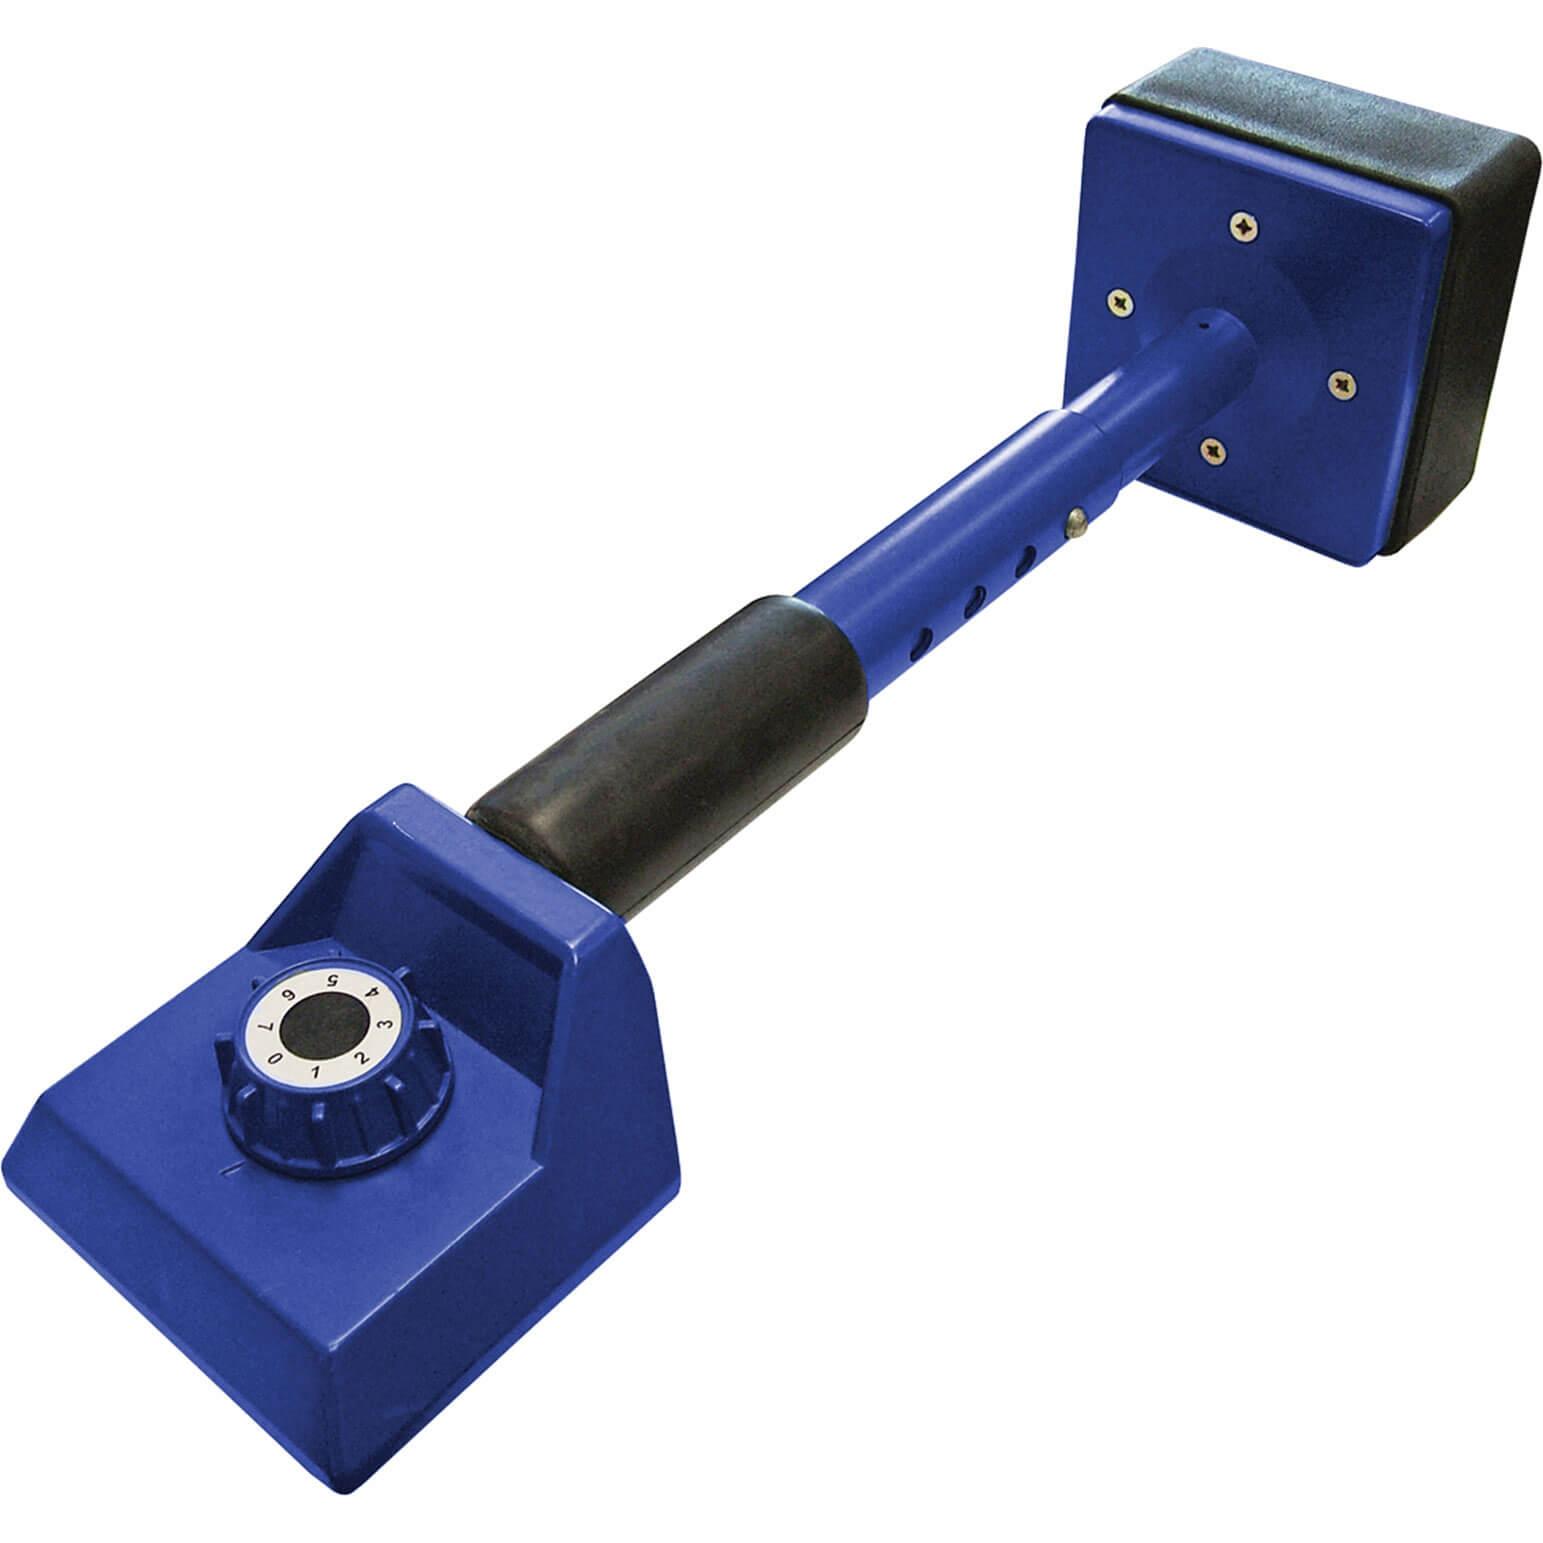 Faithfull Carpet Stretcher Knee Kicker 470 - 545mm